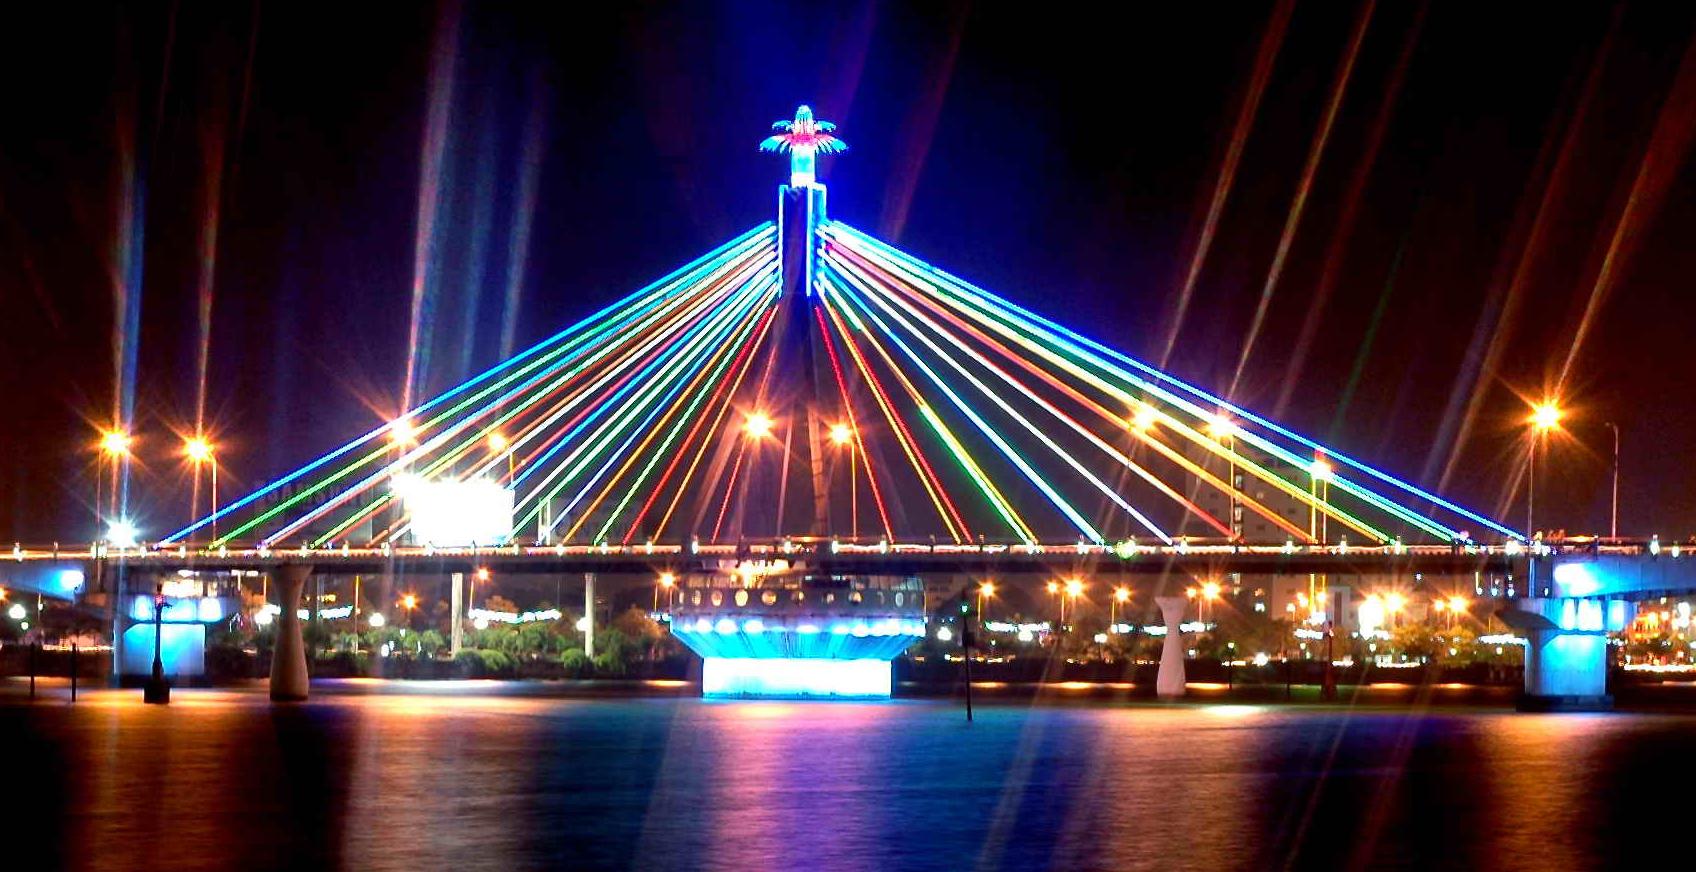 Hình ảnh cầu quay sông Hàn về đêm